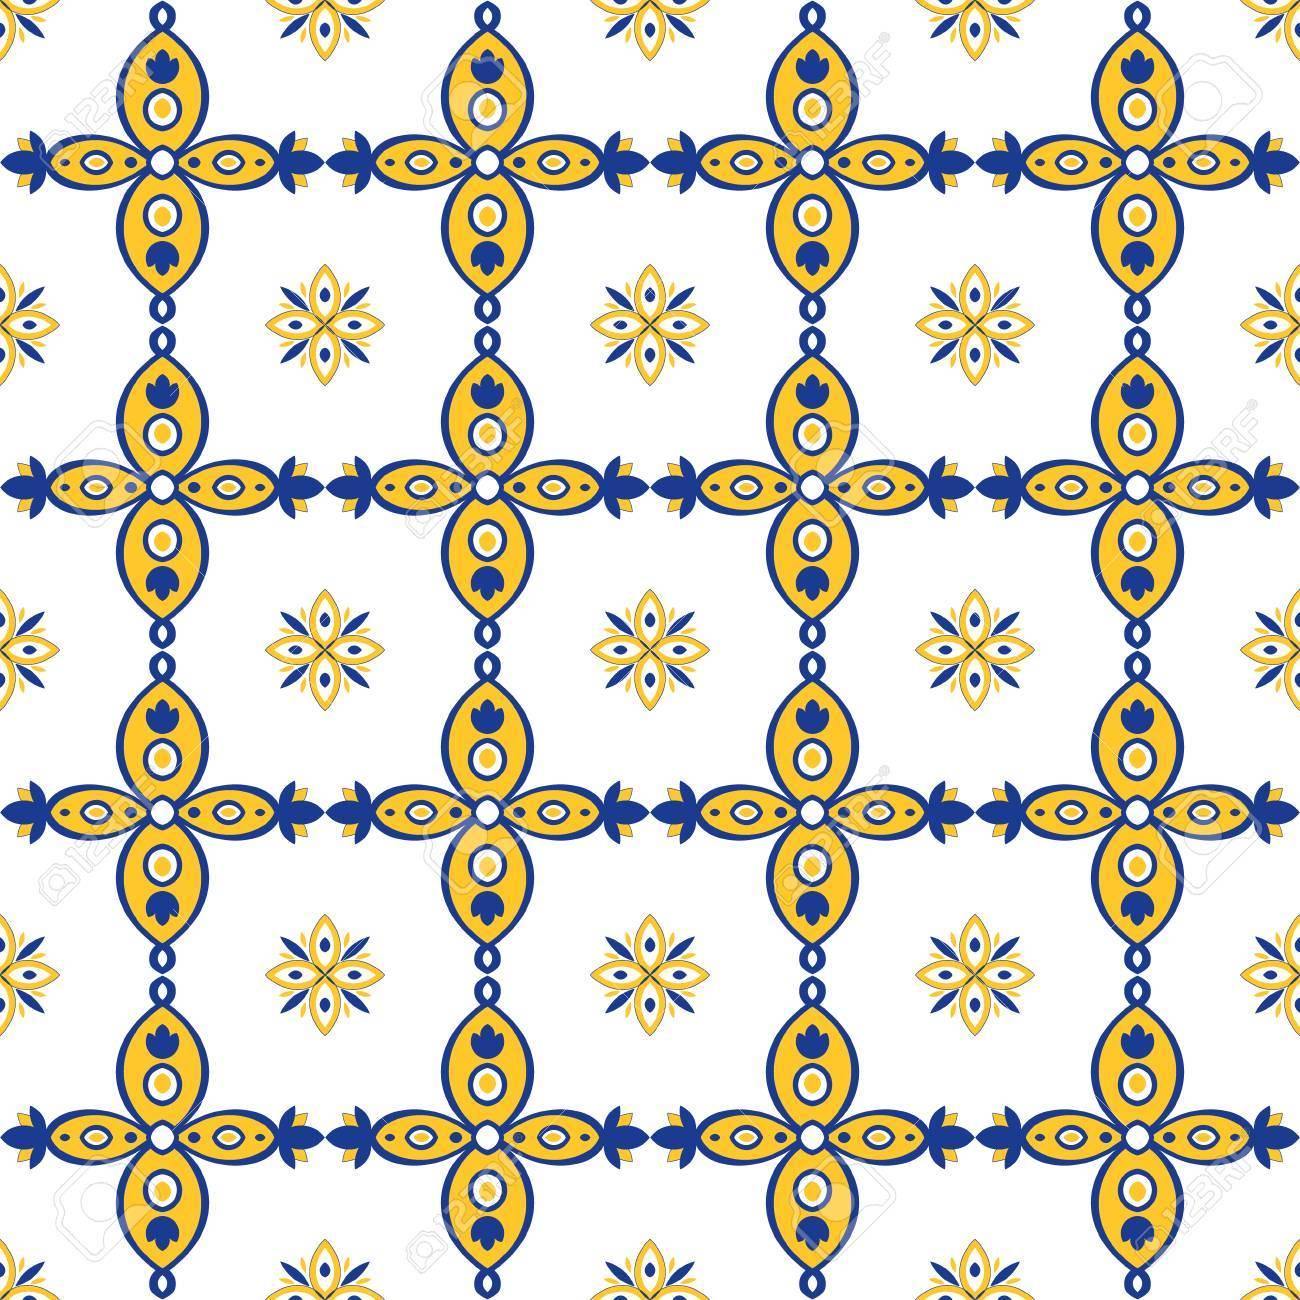 Salle De Bain Discac Loft ~ Motif Oriental Sans Couture Bleu Jaune Et Blanc Carreaux Portugais